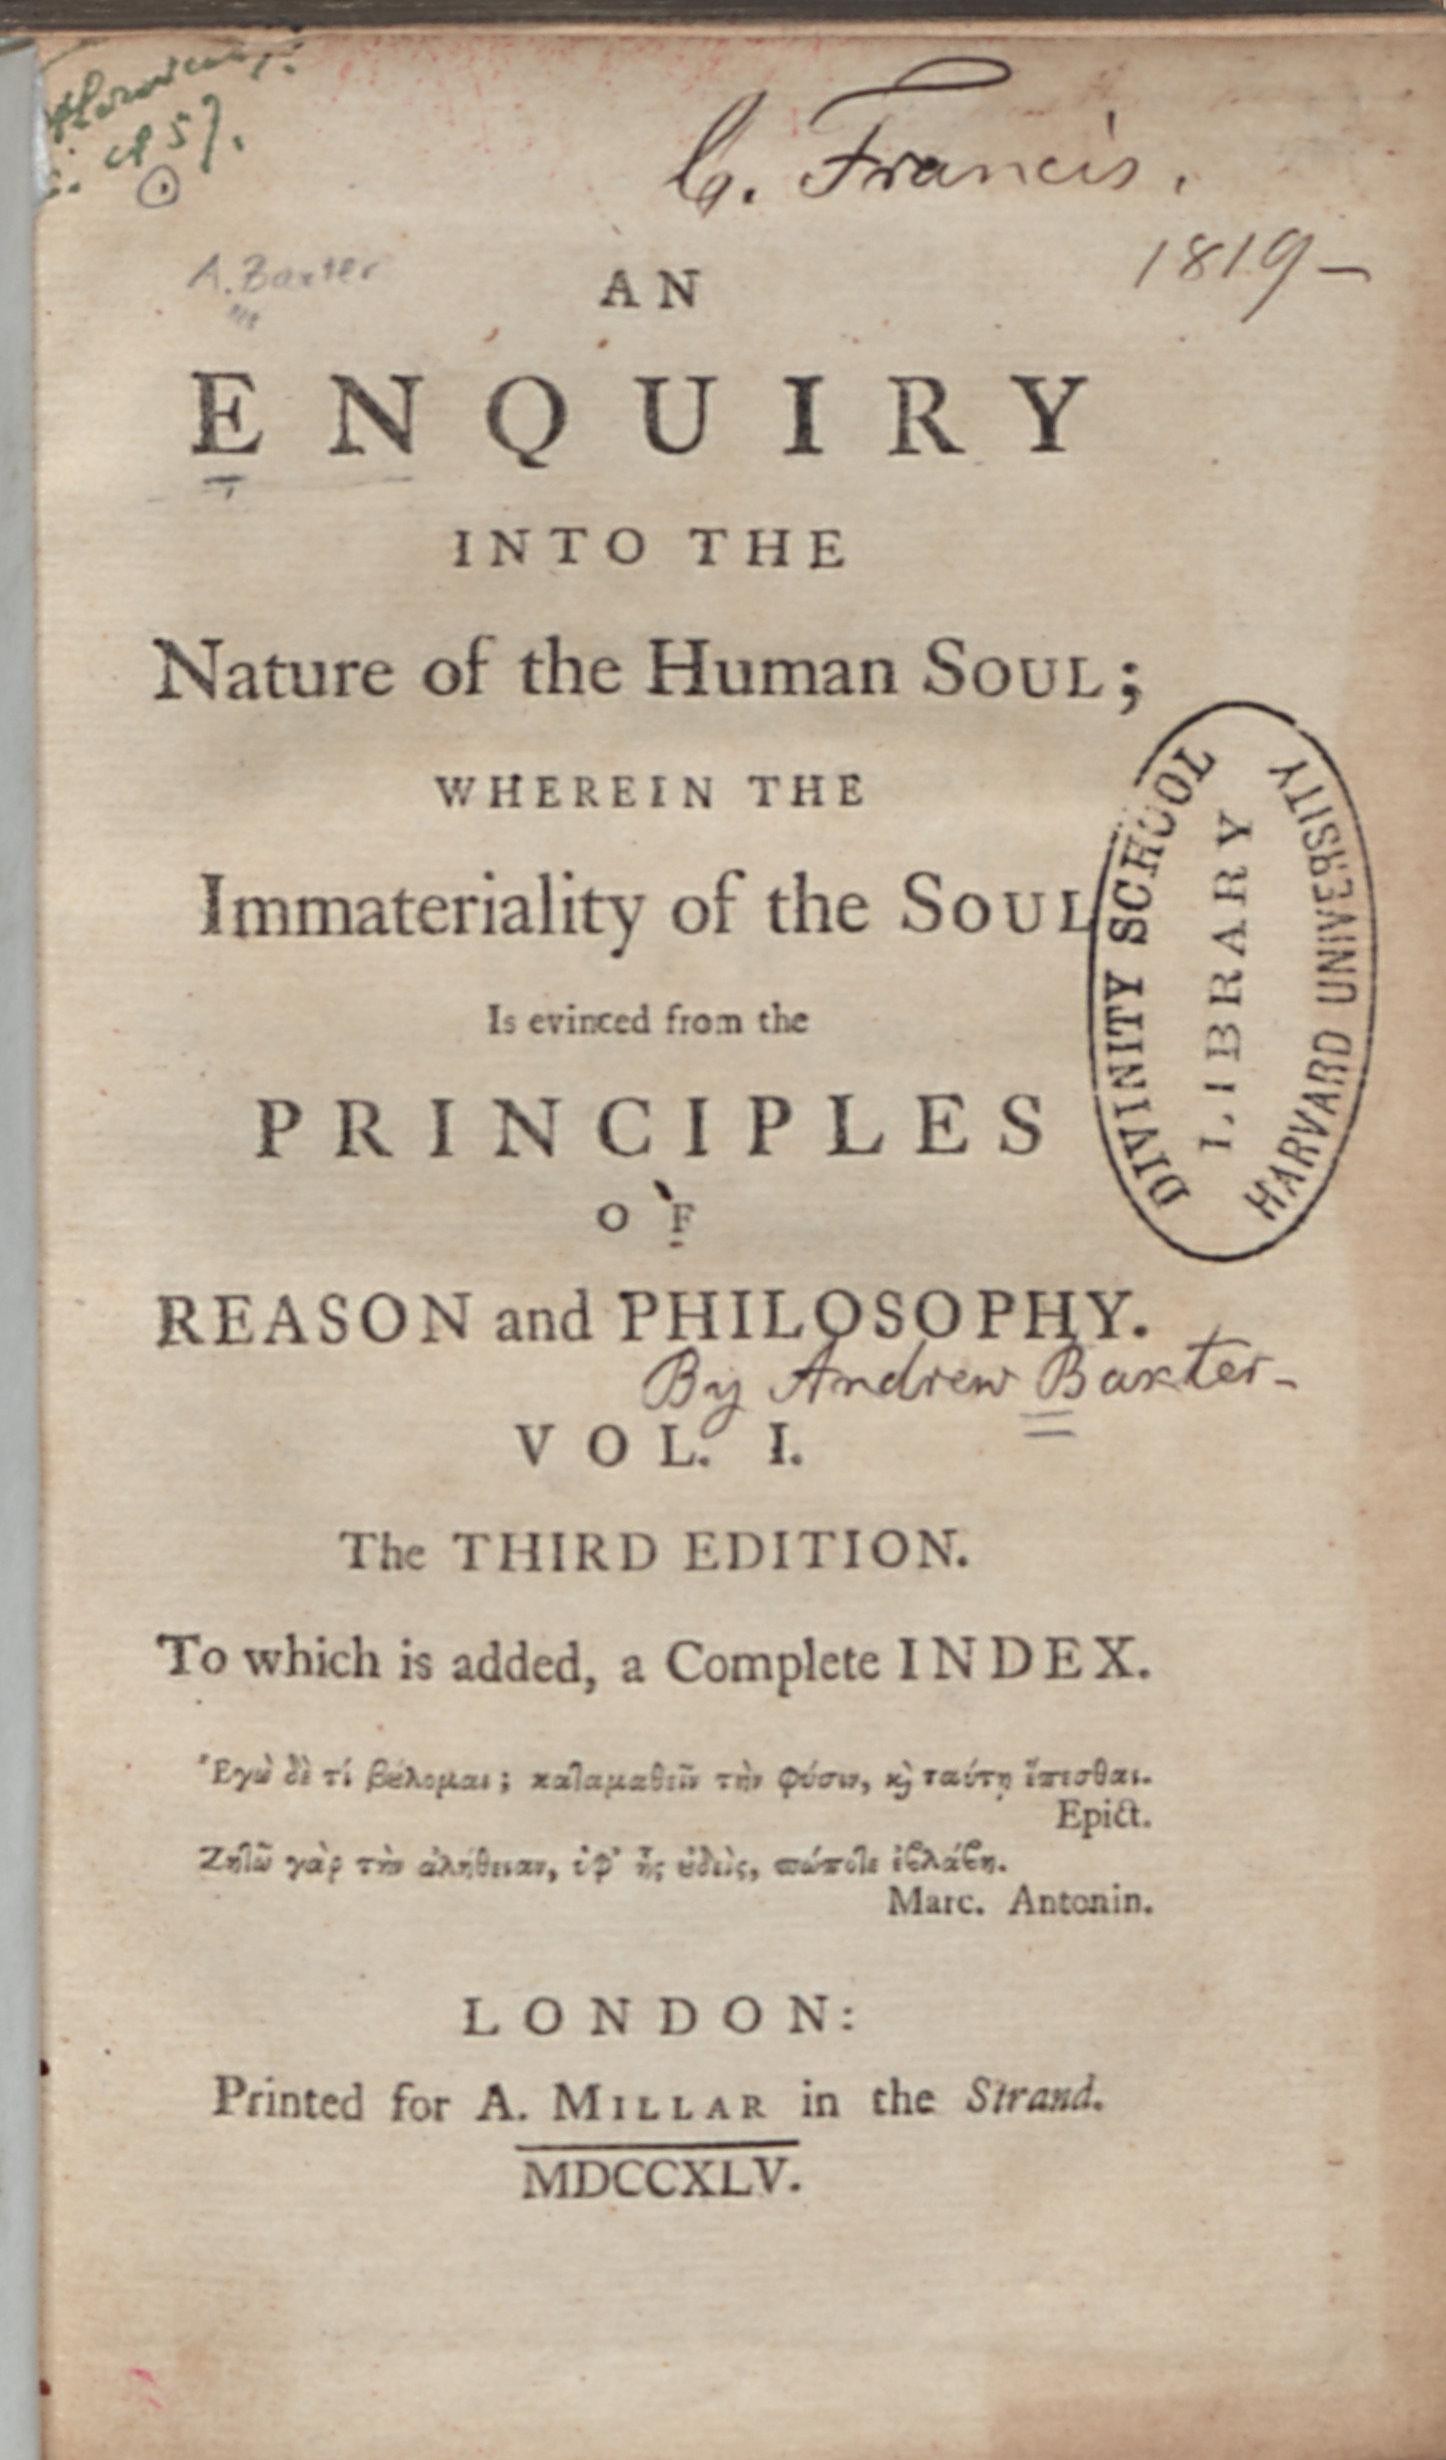 http://blogs.princeton.edu/rarebooks/images/Ex5744.155.1745-tp.jpg